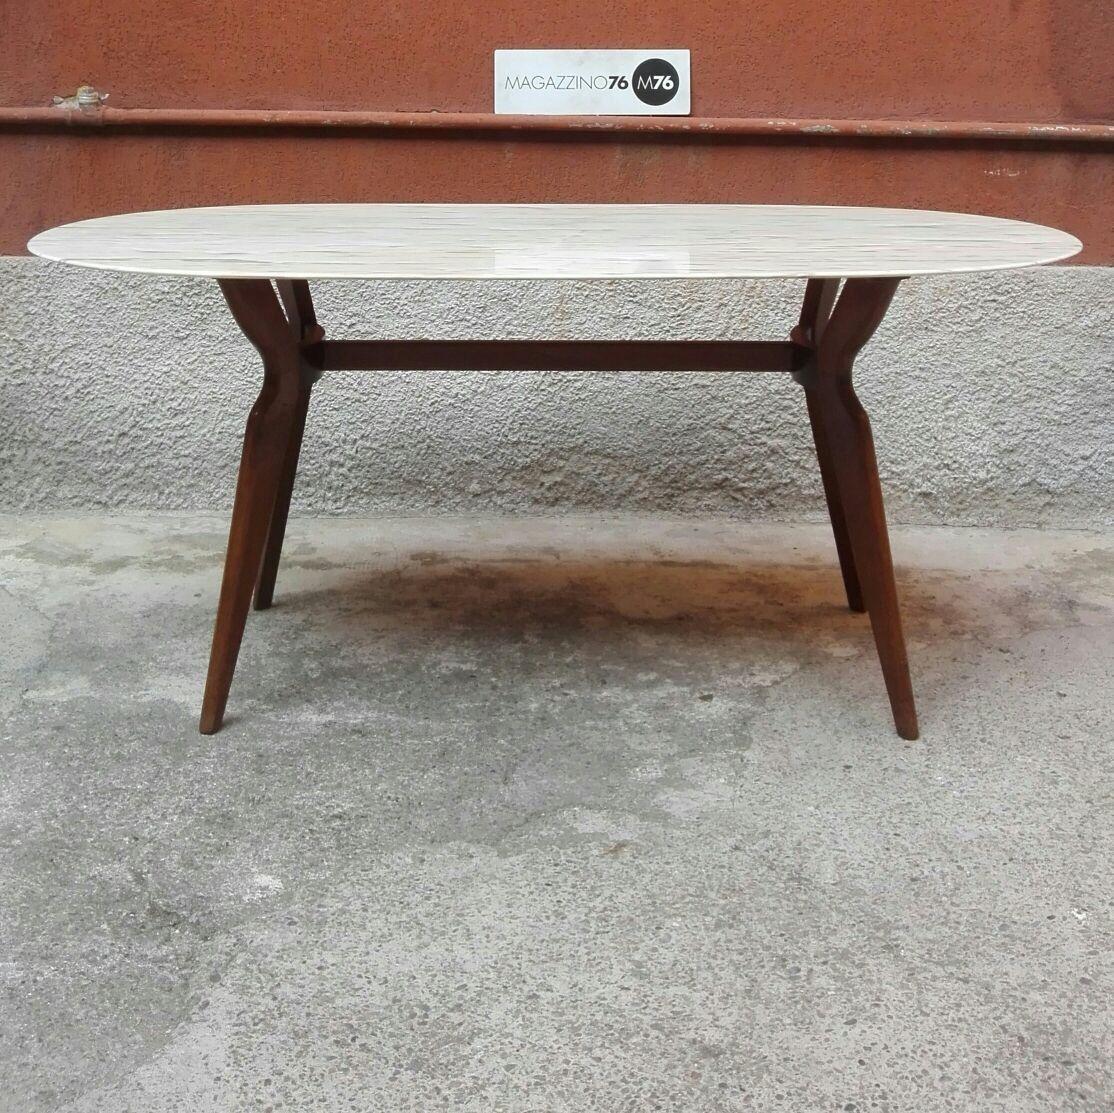 Tavolo anni 50 con zampa in legno e piano in marmo. Misure ...